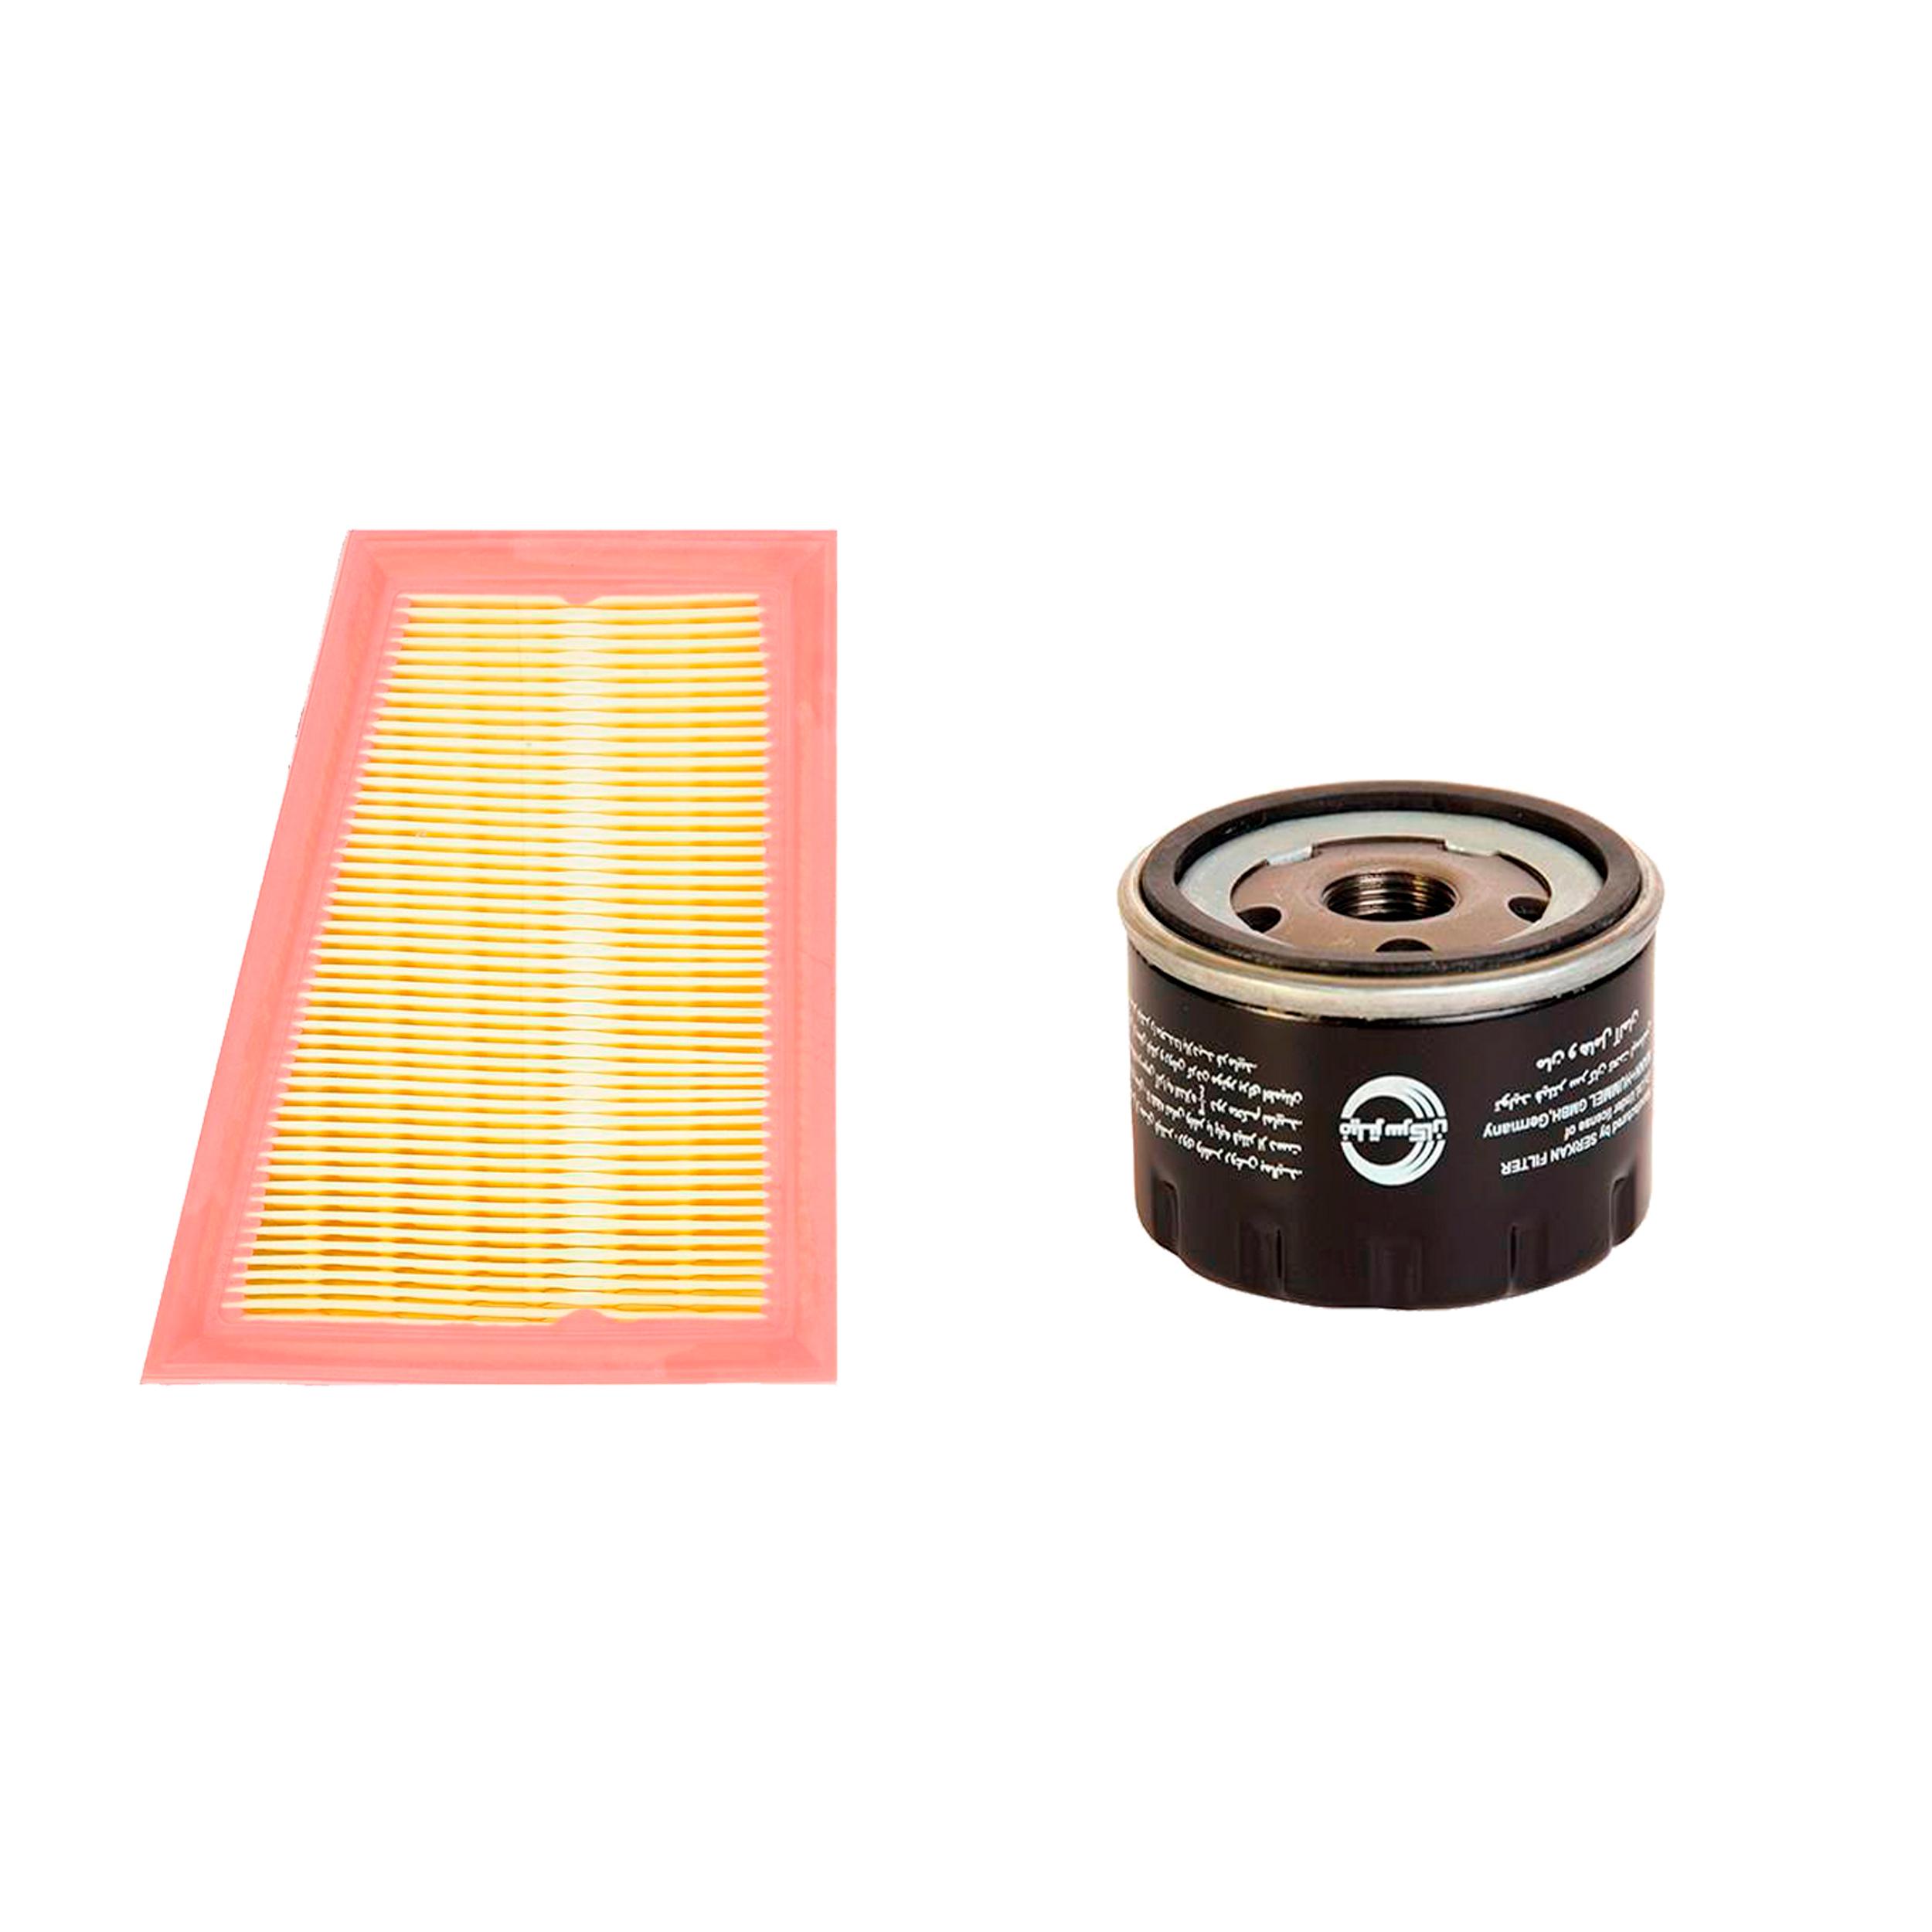 فیلتر روغن خودرو سرکان مدل SF7798 مناسب برای تندر۹۰ به همراه فیلتر هوا